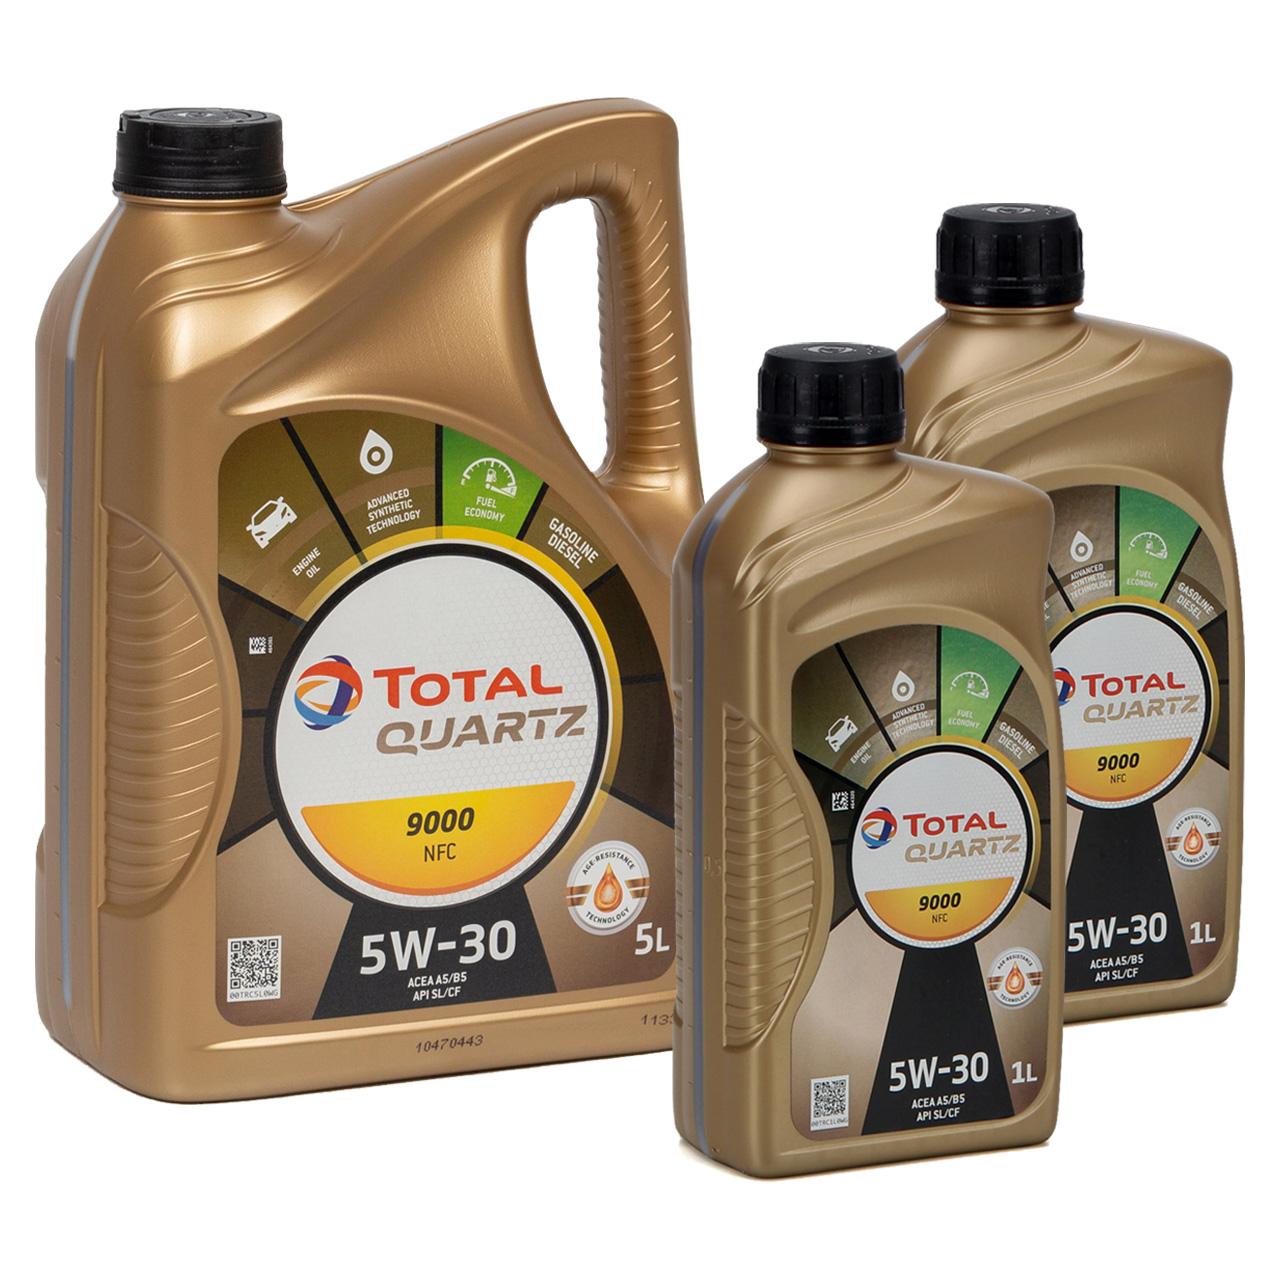 7L 7 Liter TOTAL Motoröl Öl QUARTZ 9000 NFC 5W-30 ACEA A5/B5 FORD WSS-M2C913-D